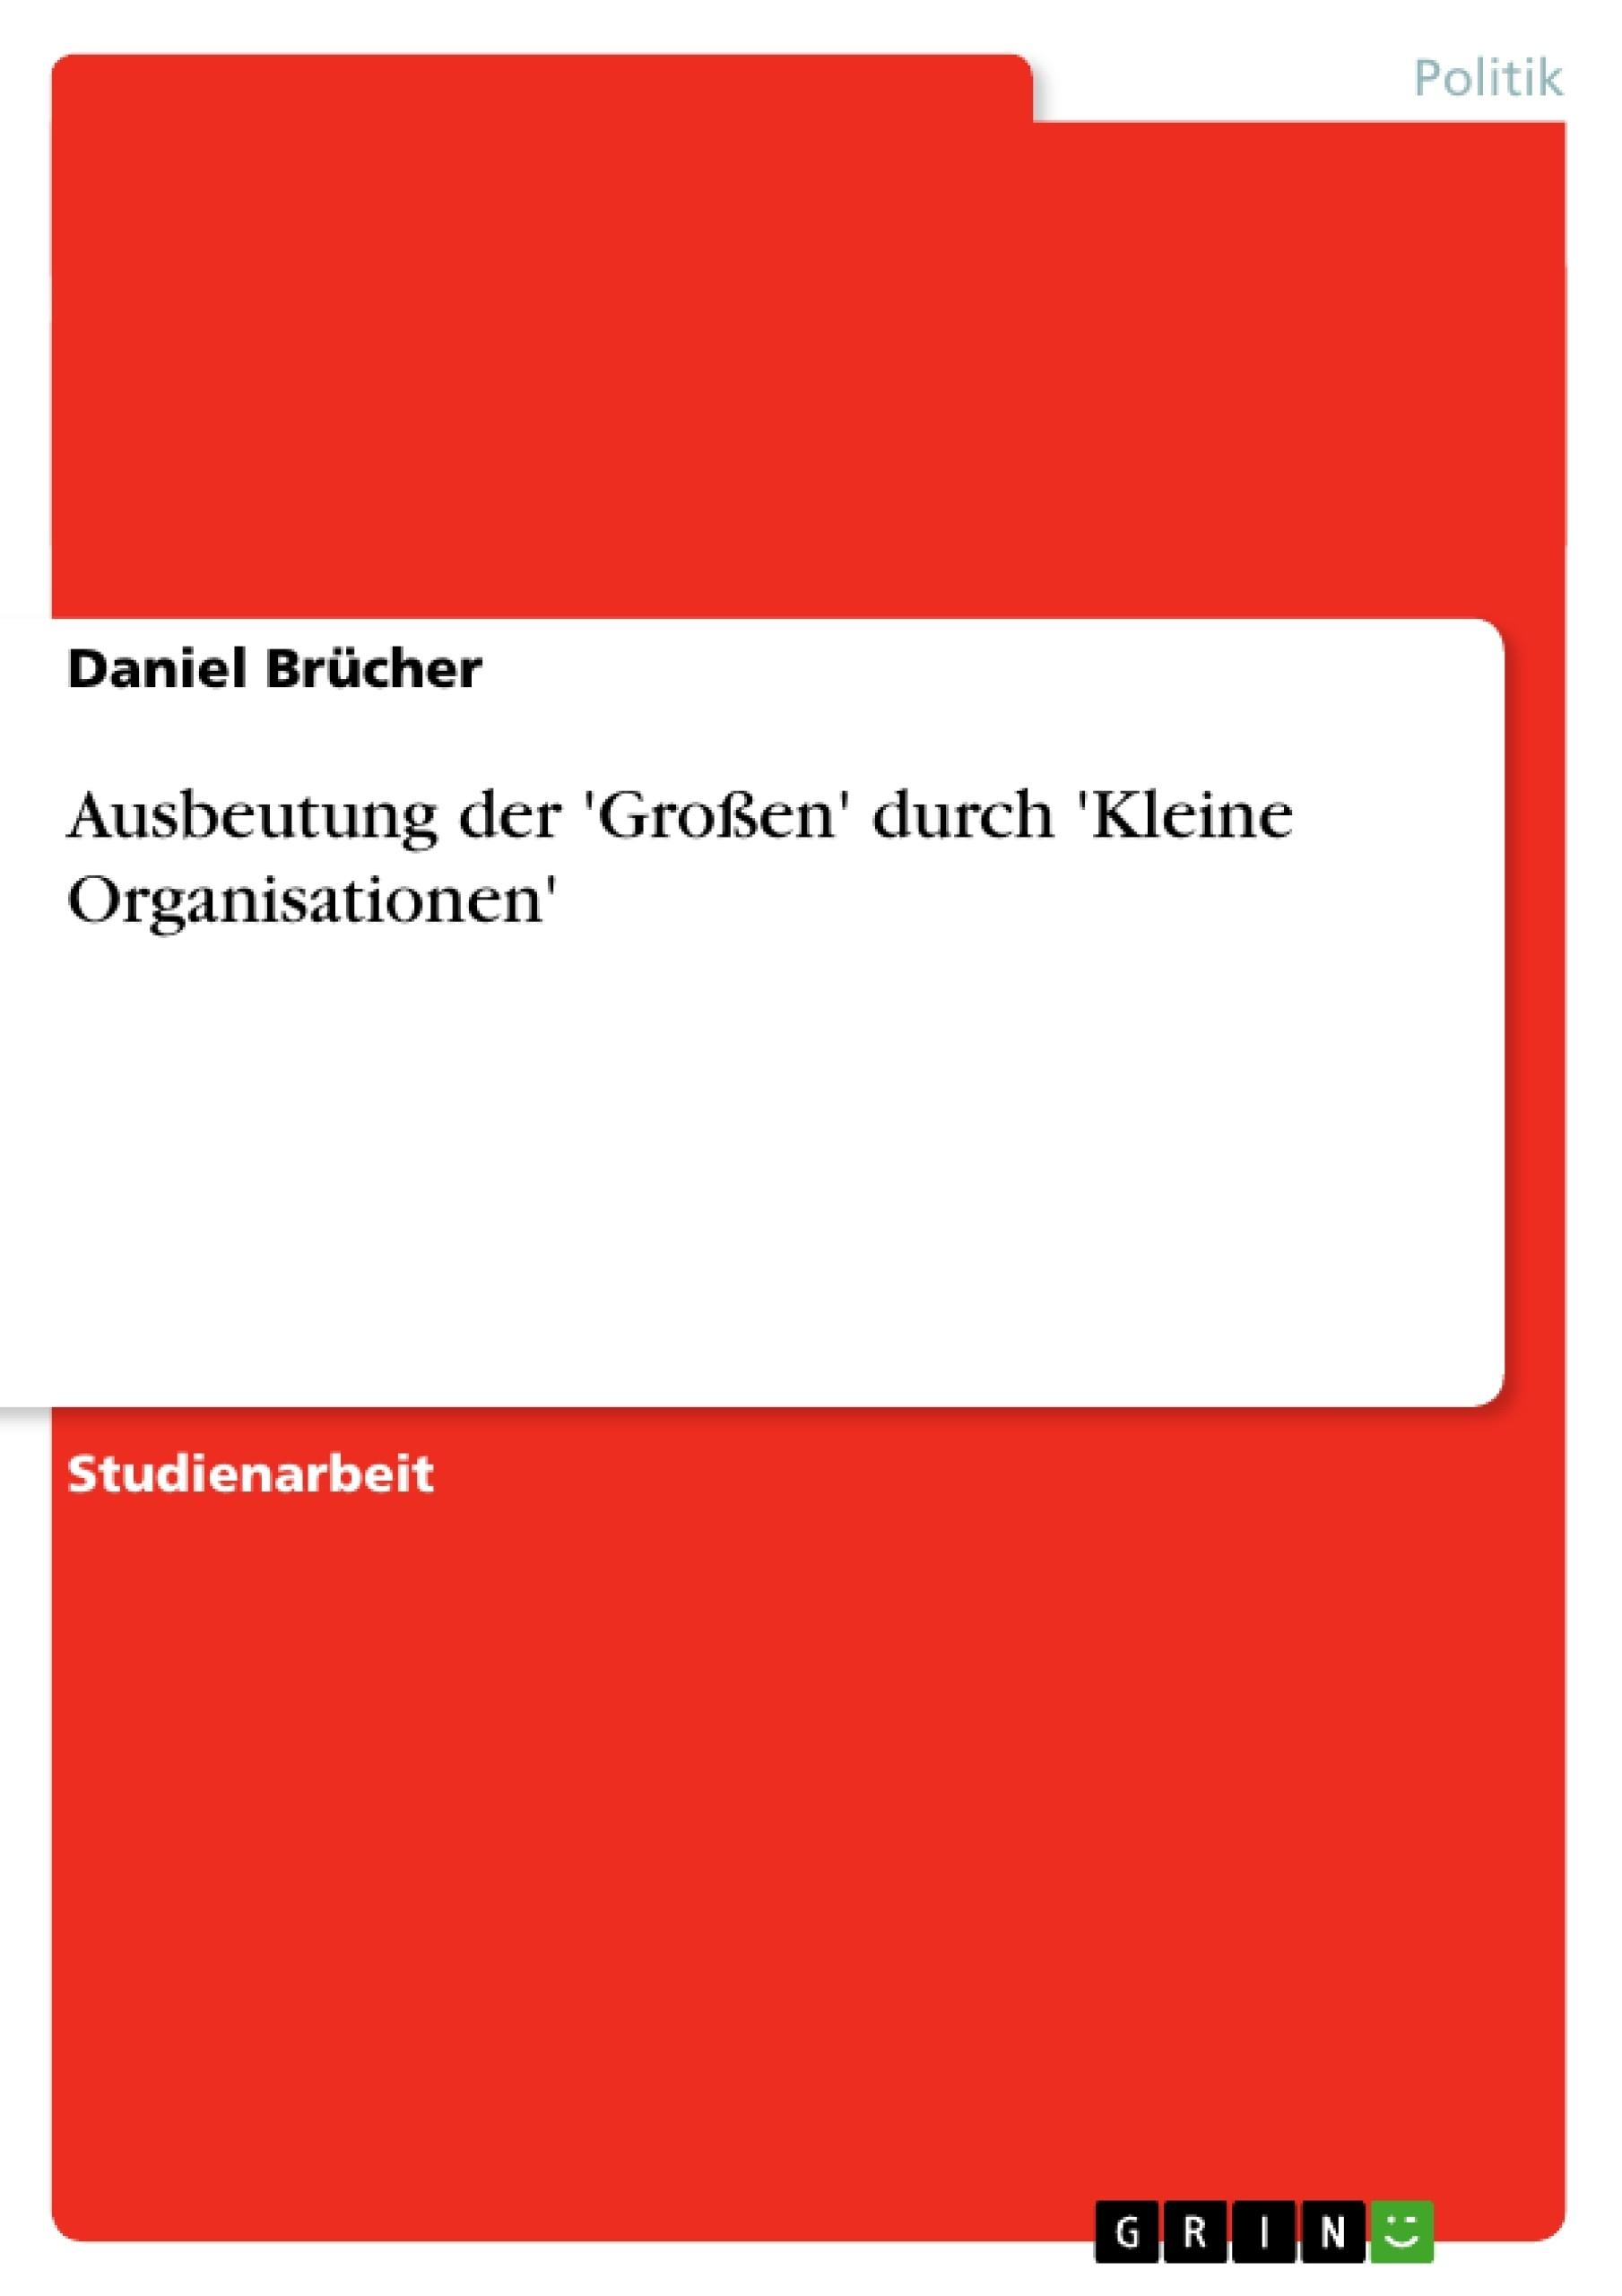 Titel: Ausbeutung der 'Großen' durch 'Kleine Organisationen'